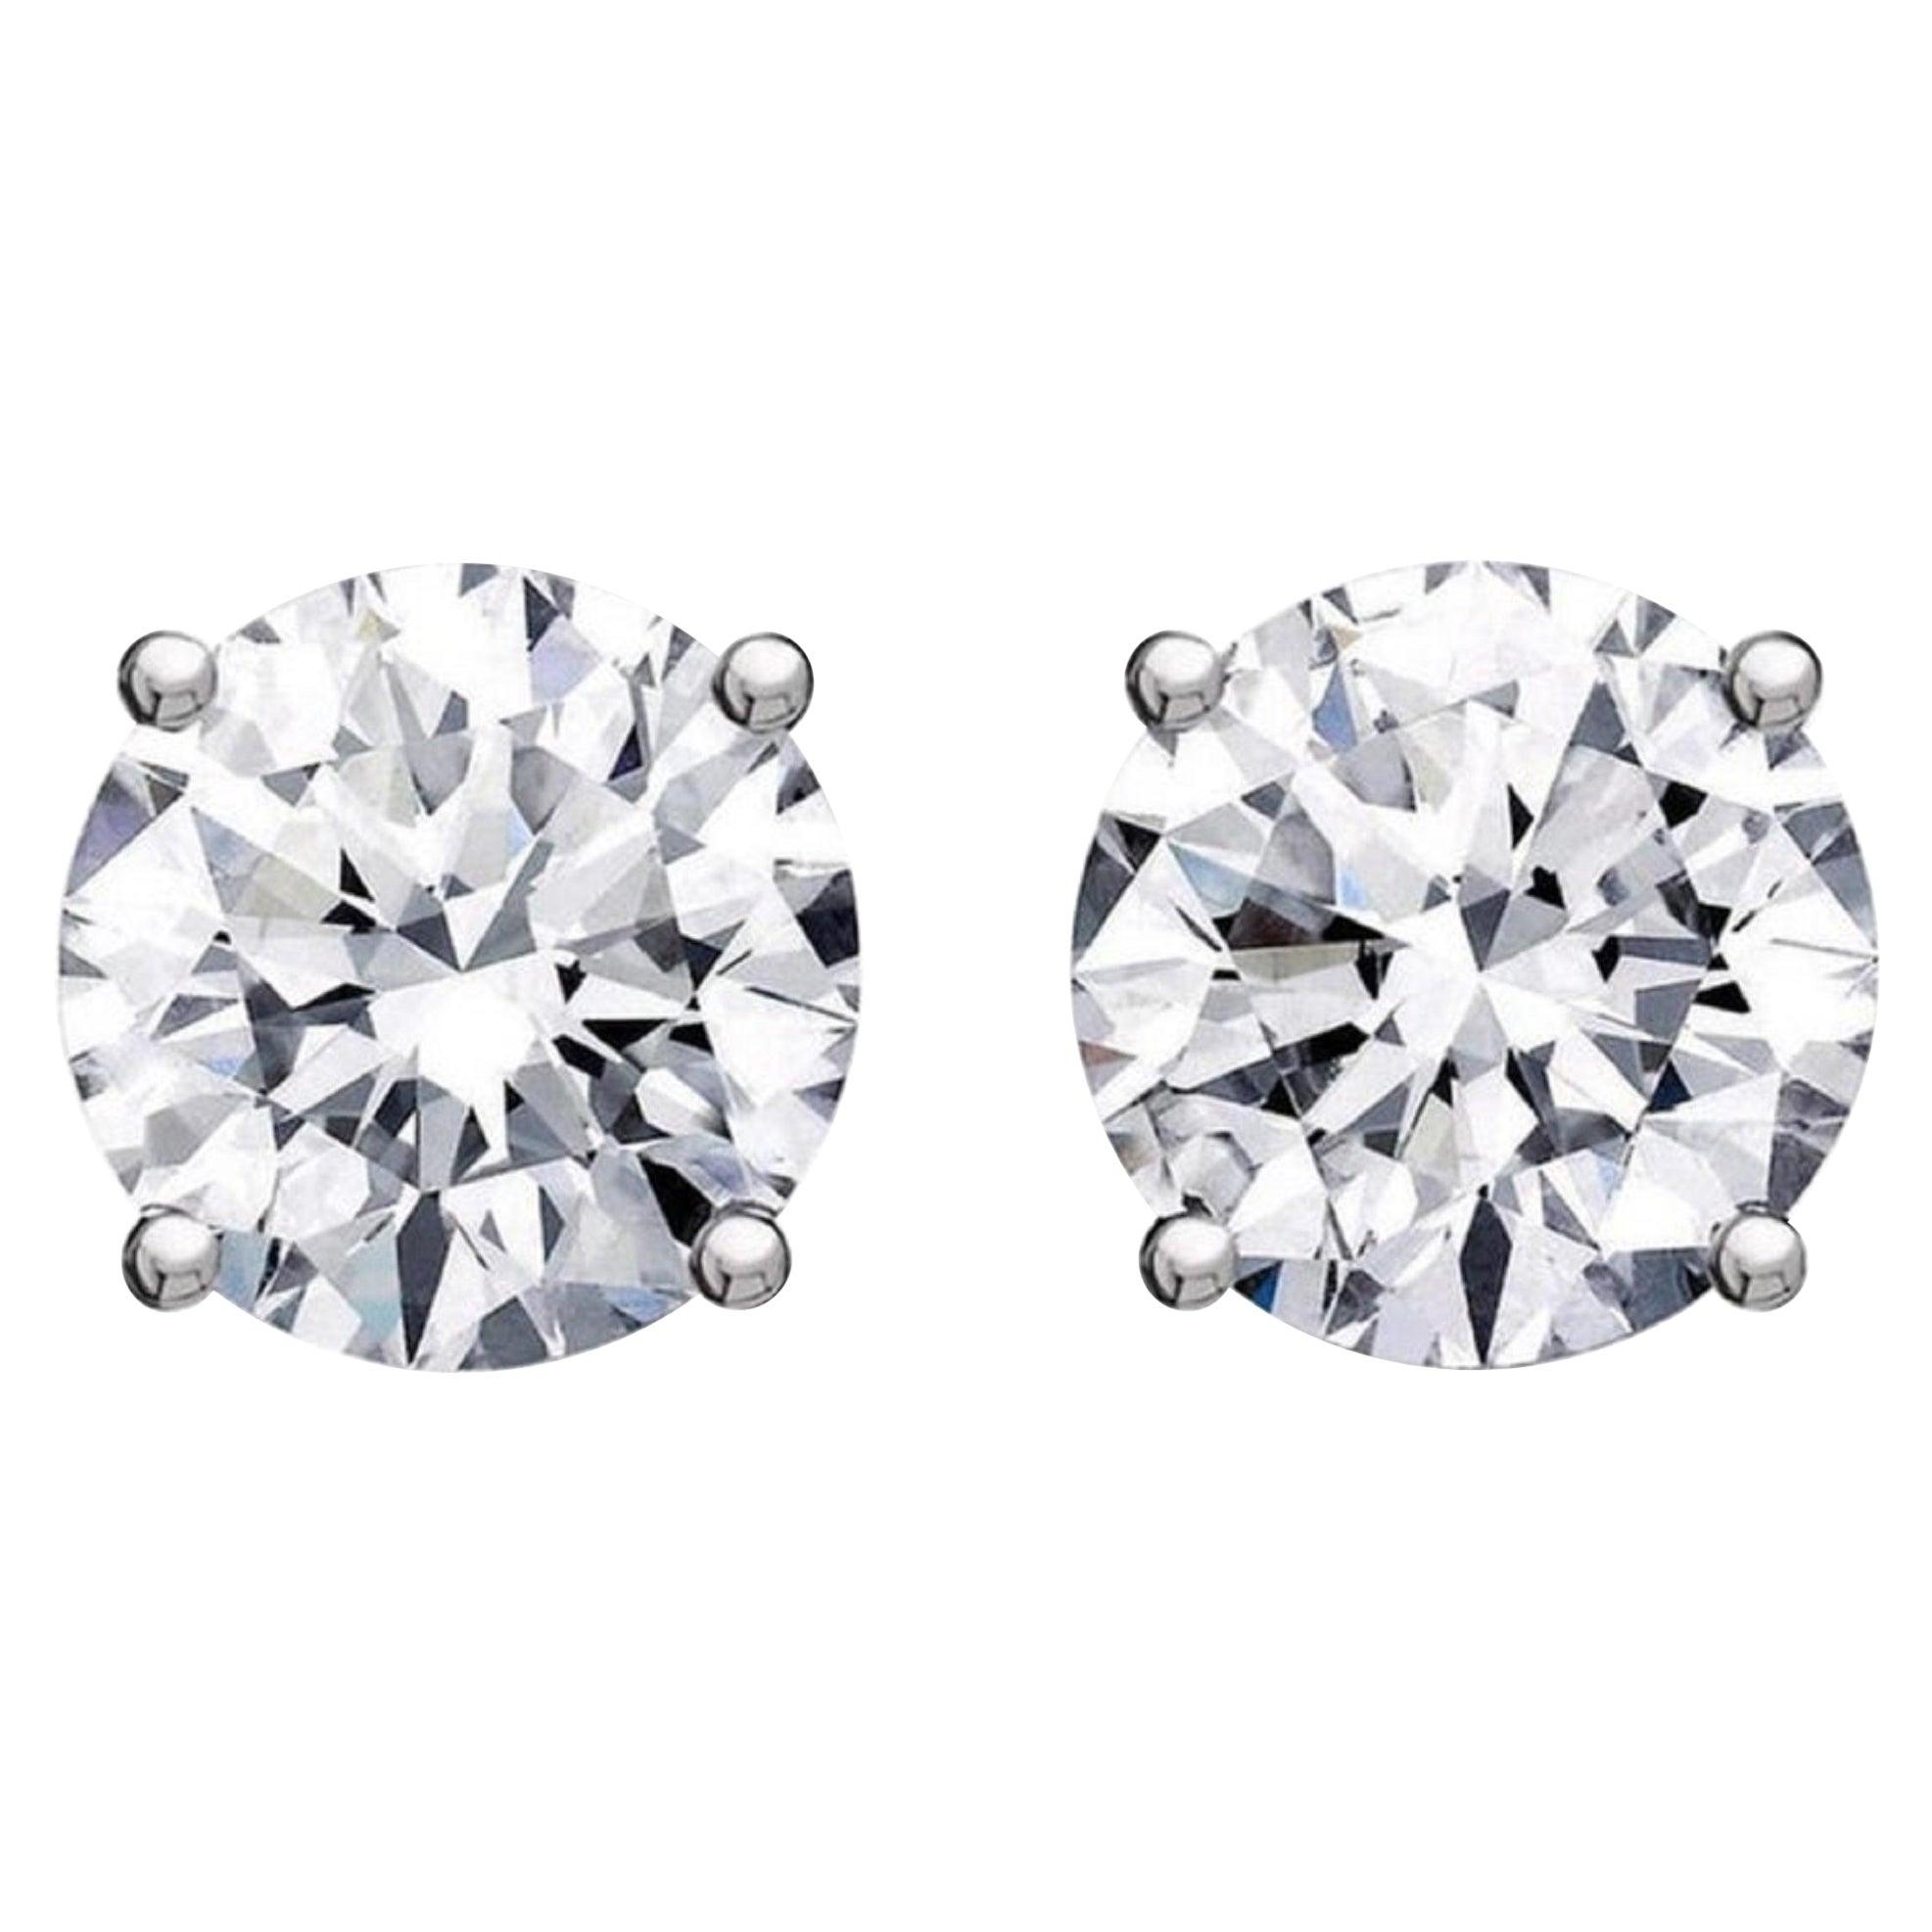 GIA Certified 3.80 Carat Brilliant Cut Diamond Studs D Color VS2/SI1 Clarity